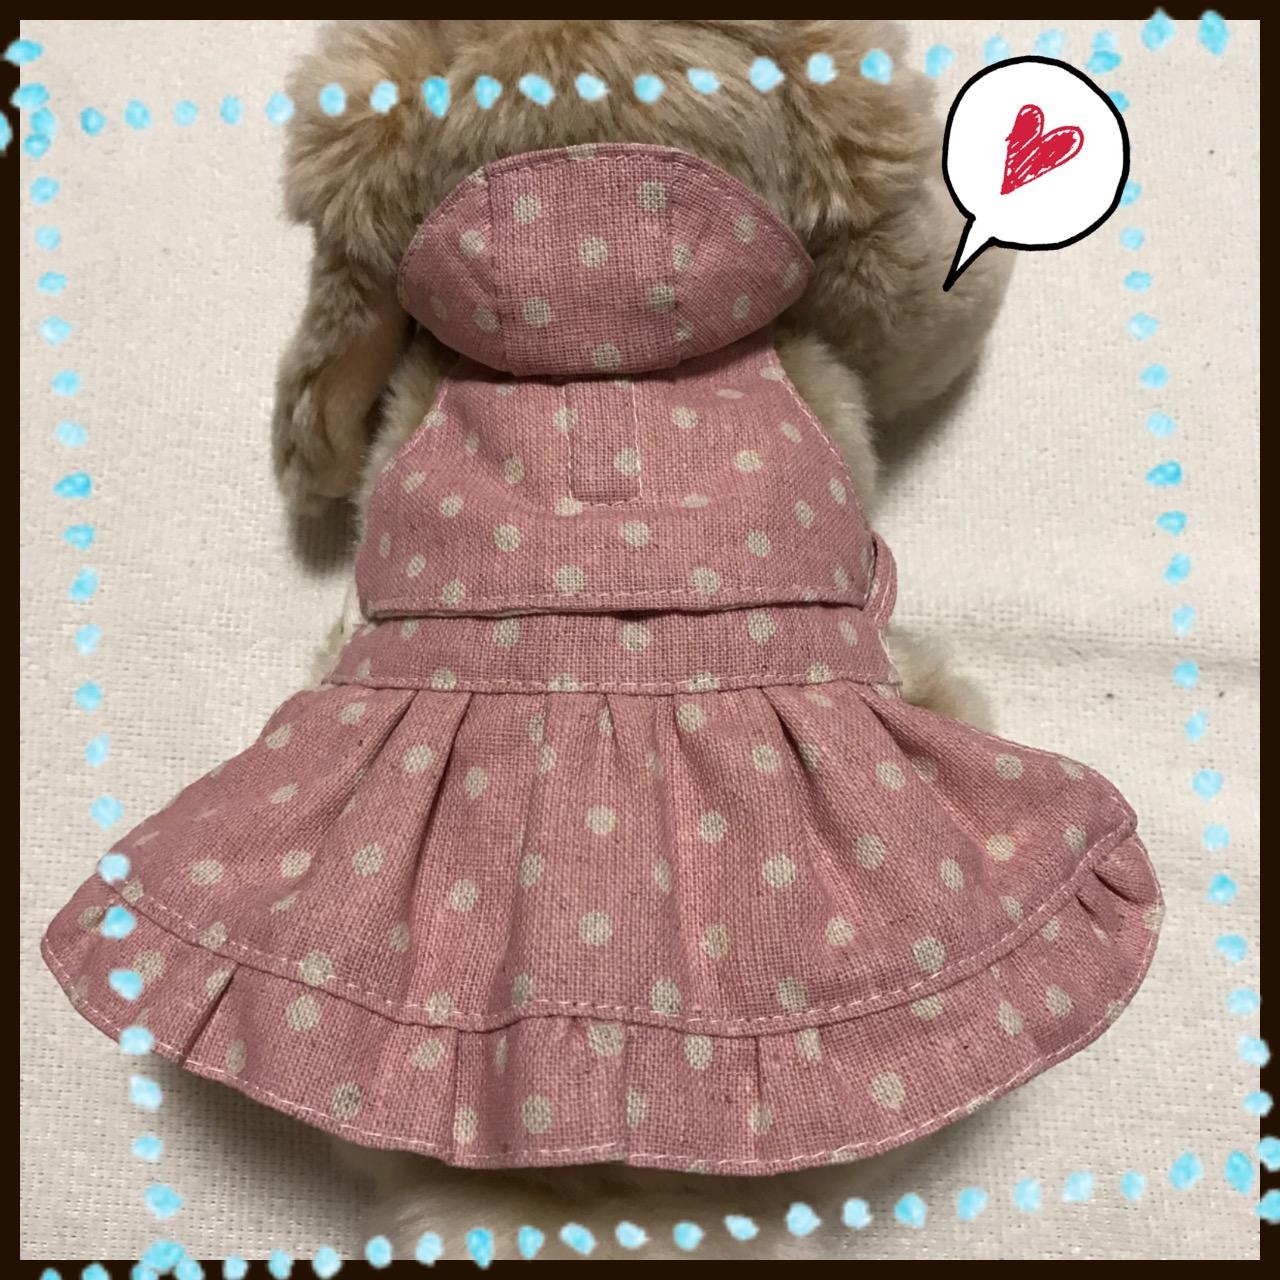 ハーネスにスカートをセットした、しのりんオリジナルのセットアップ商品です。ハーネスのみでも使用できます。スカートは両面リバーシブルで使用できます。おしゃれしたい時はスカートを装着すればいろいろな着こなしができます。。